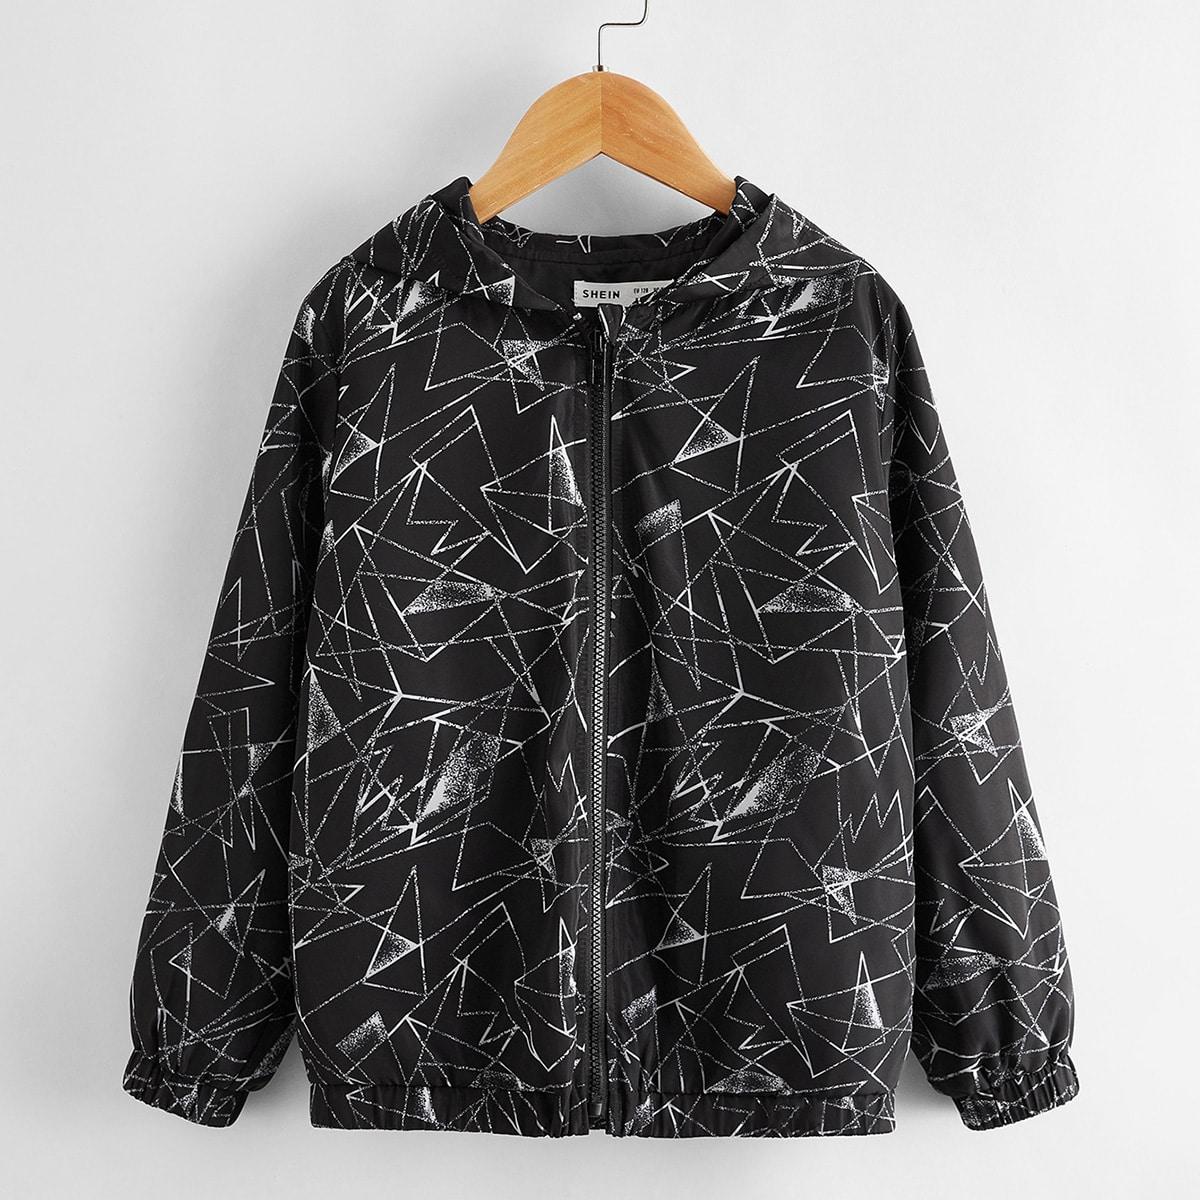 Куртка на молнии с капюшоном и геометрическим принтом для мальчиков от SHEIN